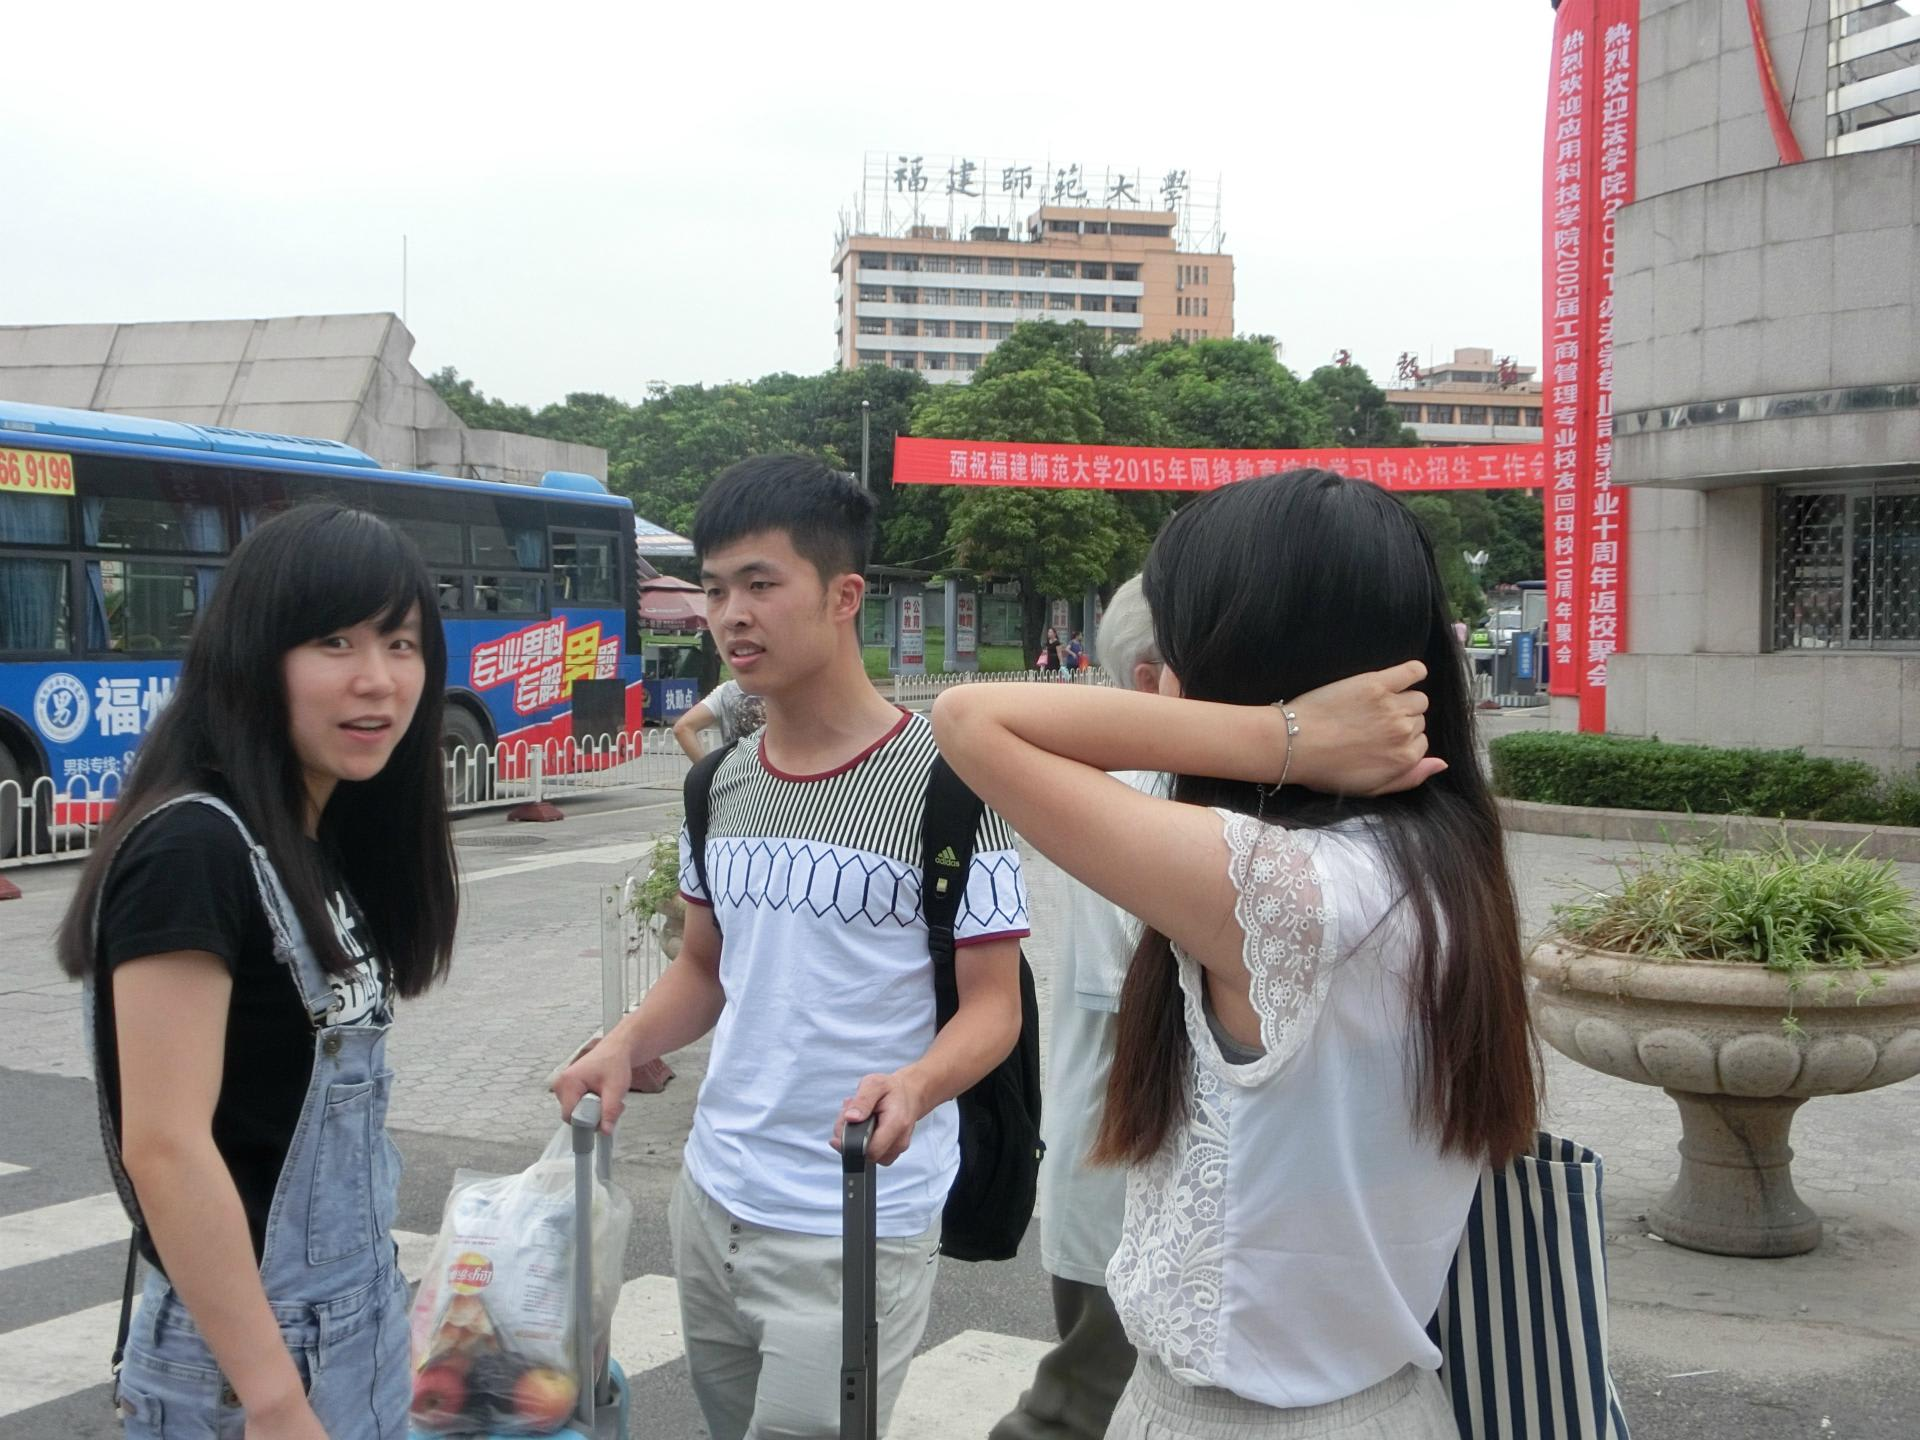 中国腋毛 つり革をもつノースリーブの女性の「腕のわき」から「わき毛」が見える女性がけっこう多い。ここ中国南方(華南地方)の女性は、わき毛を処理している女性の方が多いよう ...